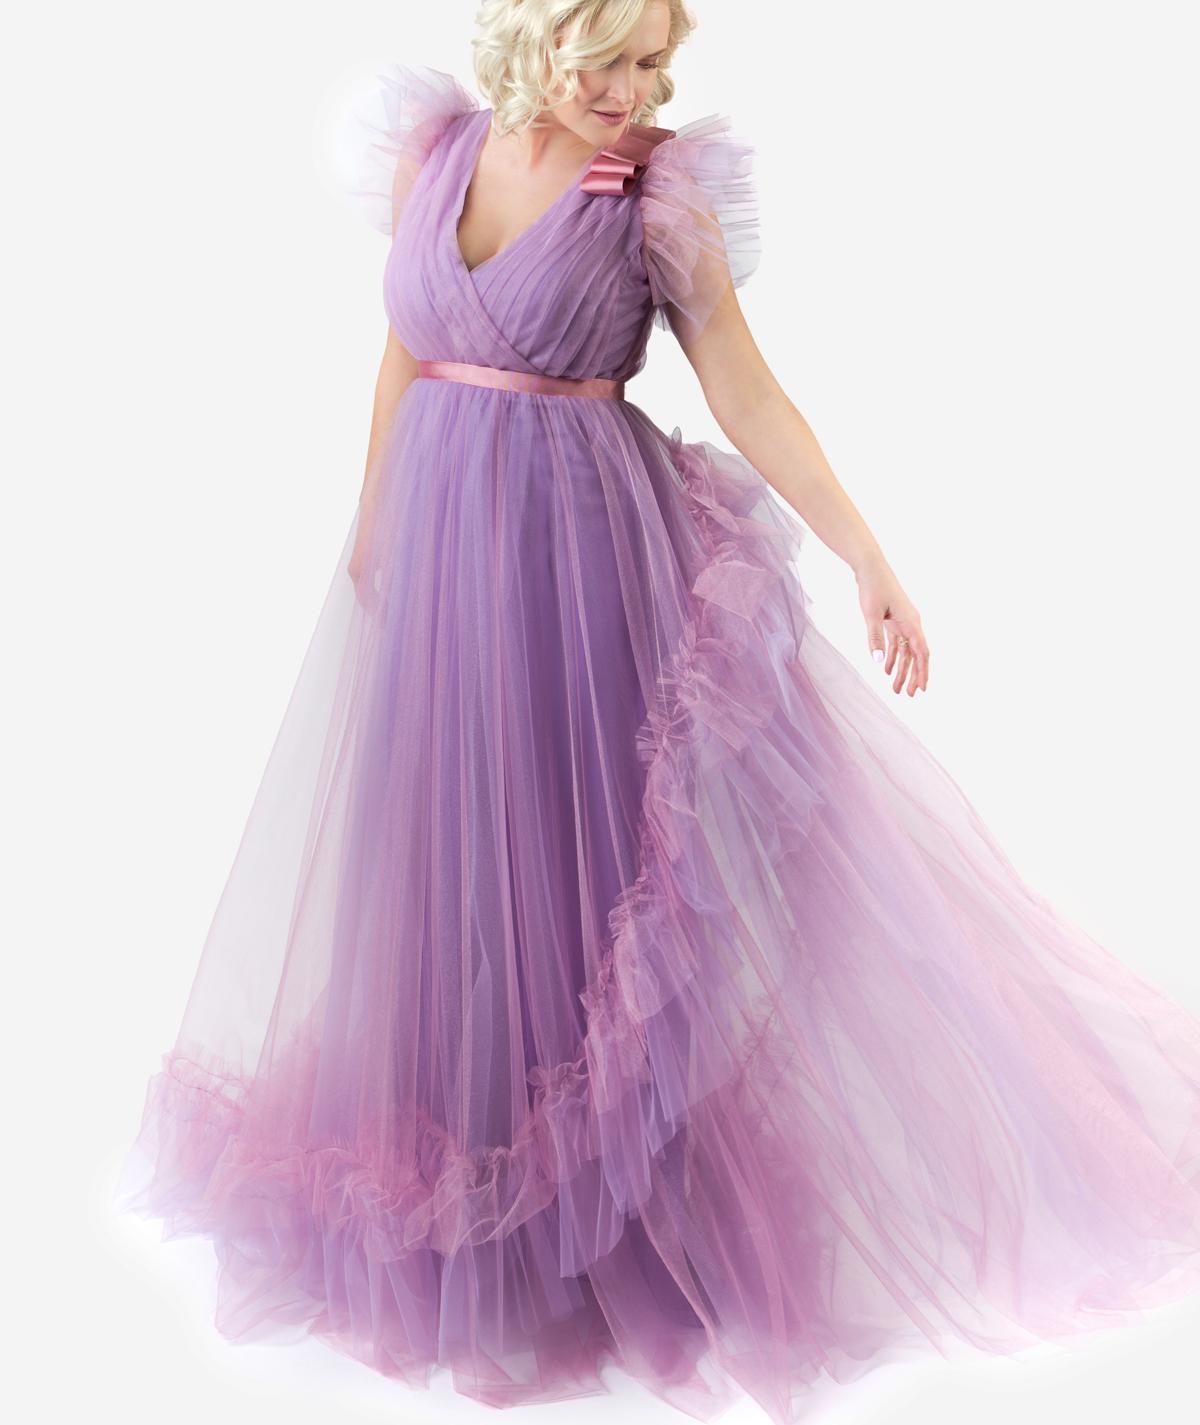 2f82fdc47af Lavender Love Evening Dress